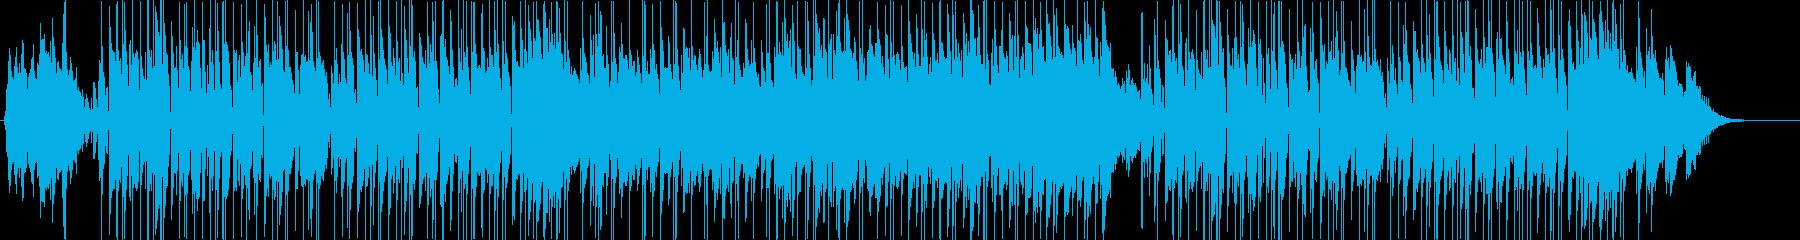 【アニメ】ほのぼのまとめエピローグの再生済みの波形